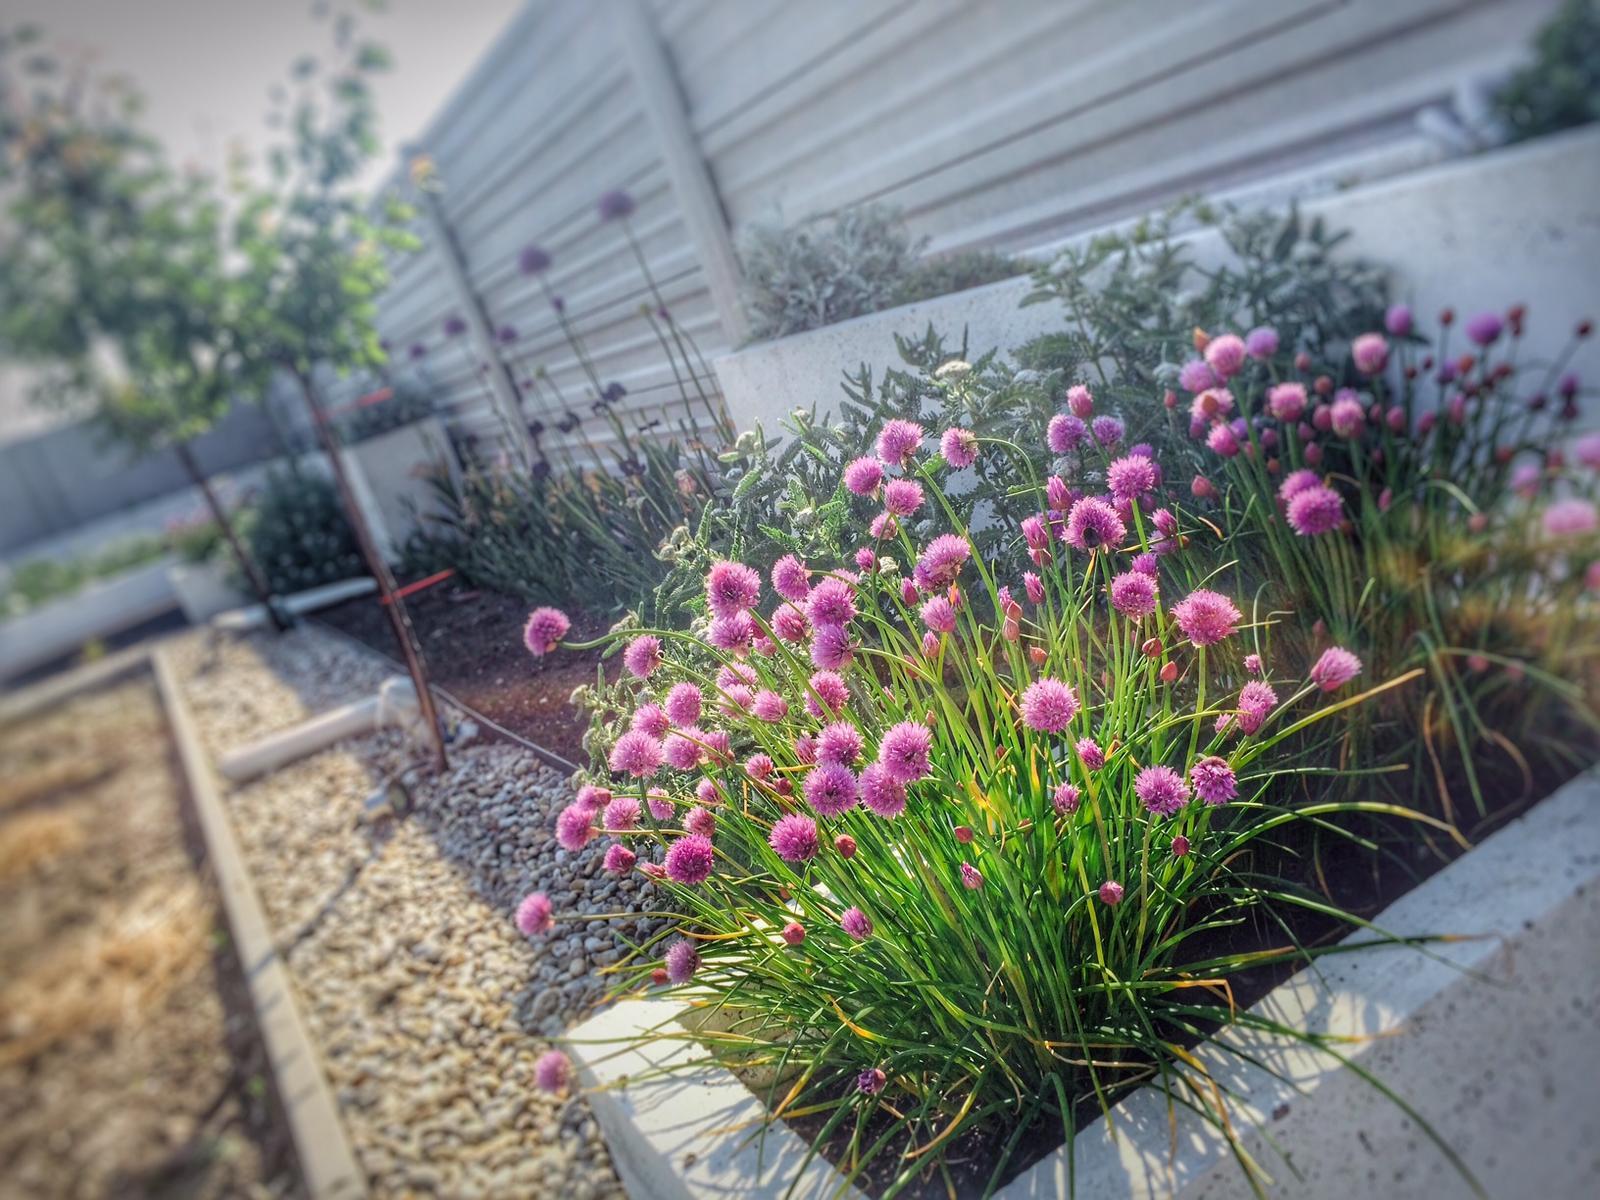 Modern Garden Linear324 - naša prímorská - zatial ziadna zmena u nas.. praca zamestnava viac ako by bolo vhode a dalo by sa nieco urobit na zahrade :((